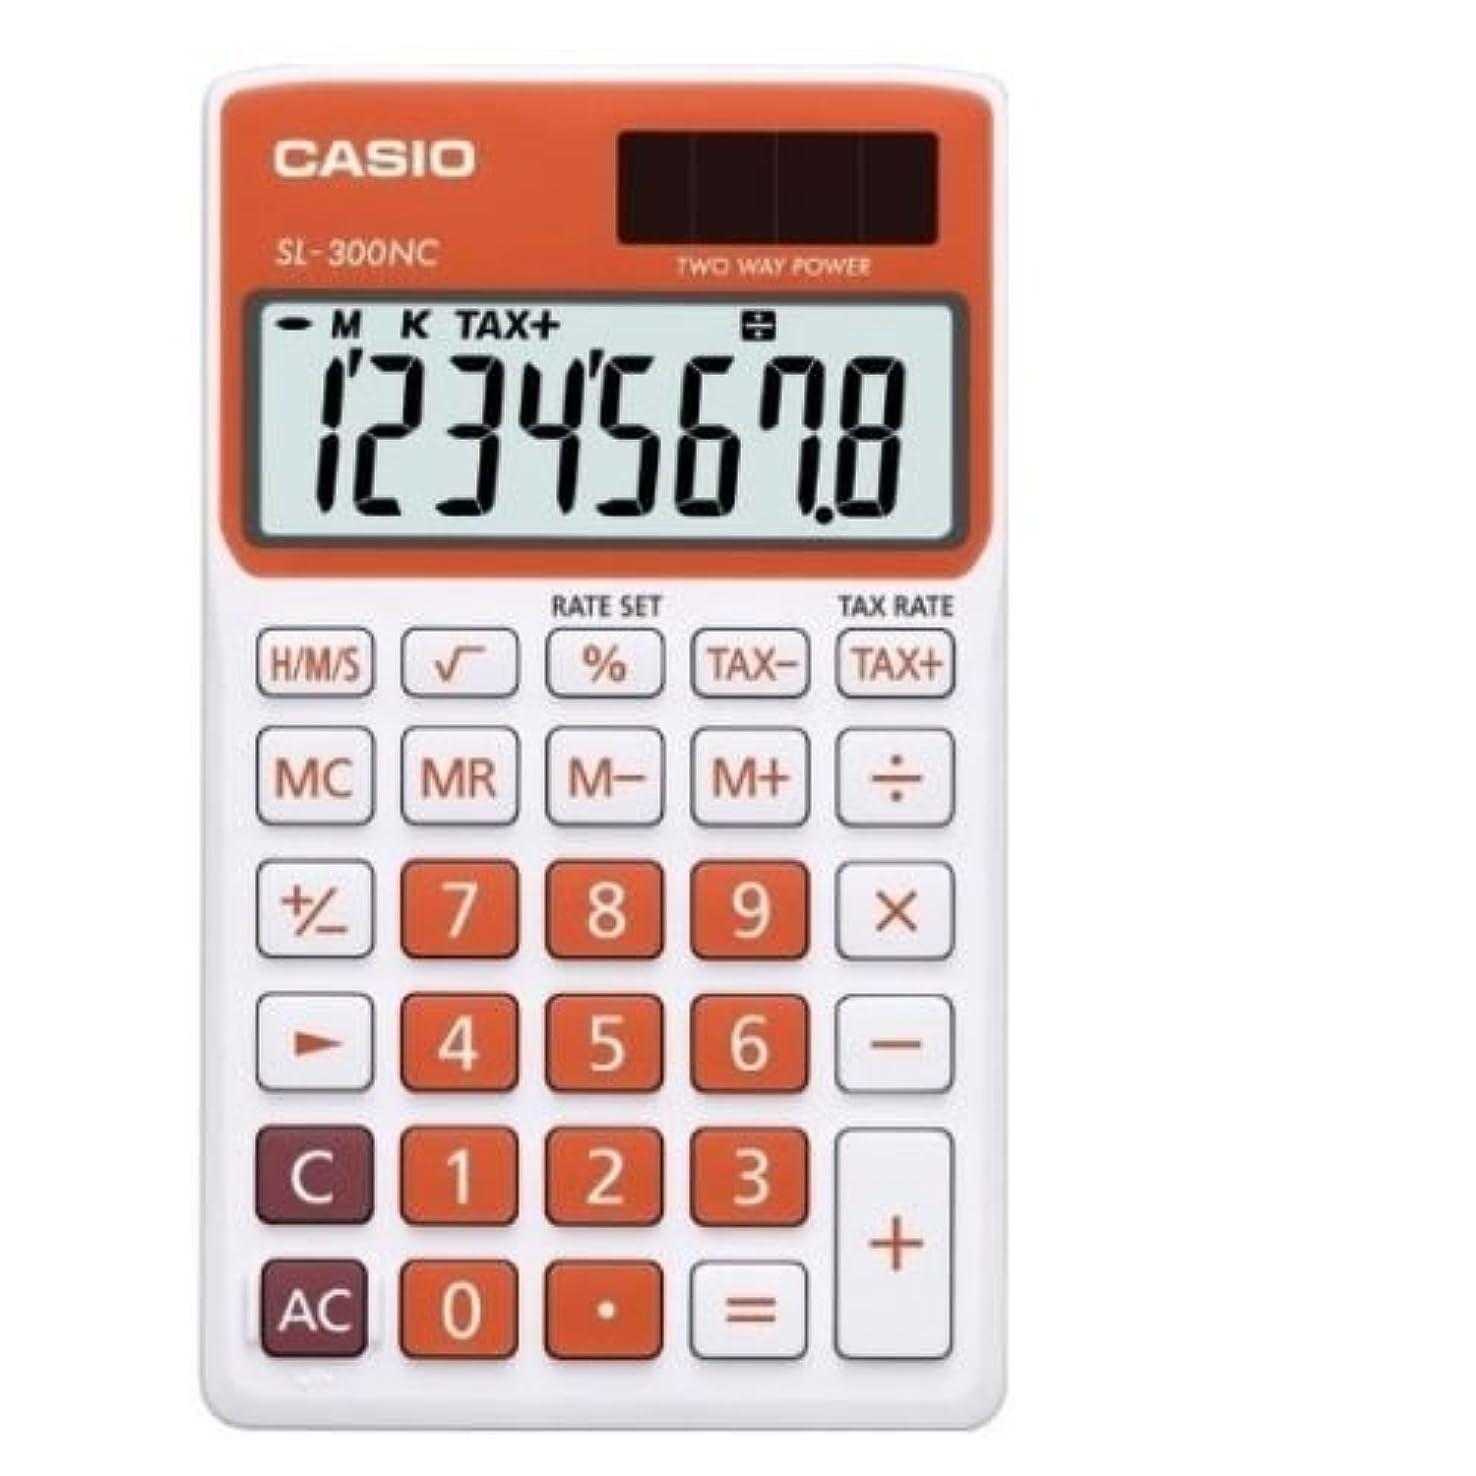 クレアスリルリマCasio SL-300NC-RG 基本電卓大型ディスプレイ税 SL300NC ブラック/オレンジ [並行輸入品]